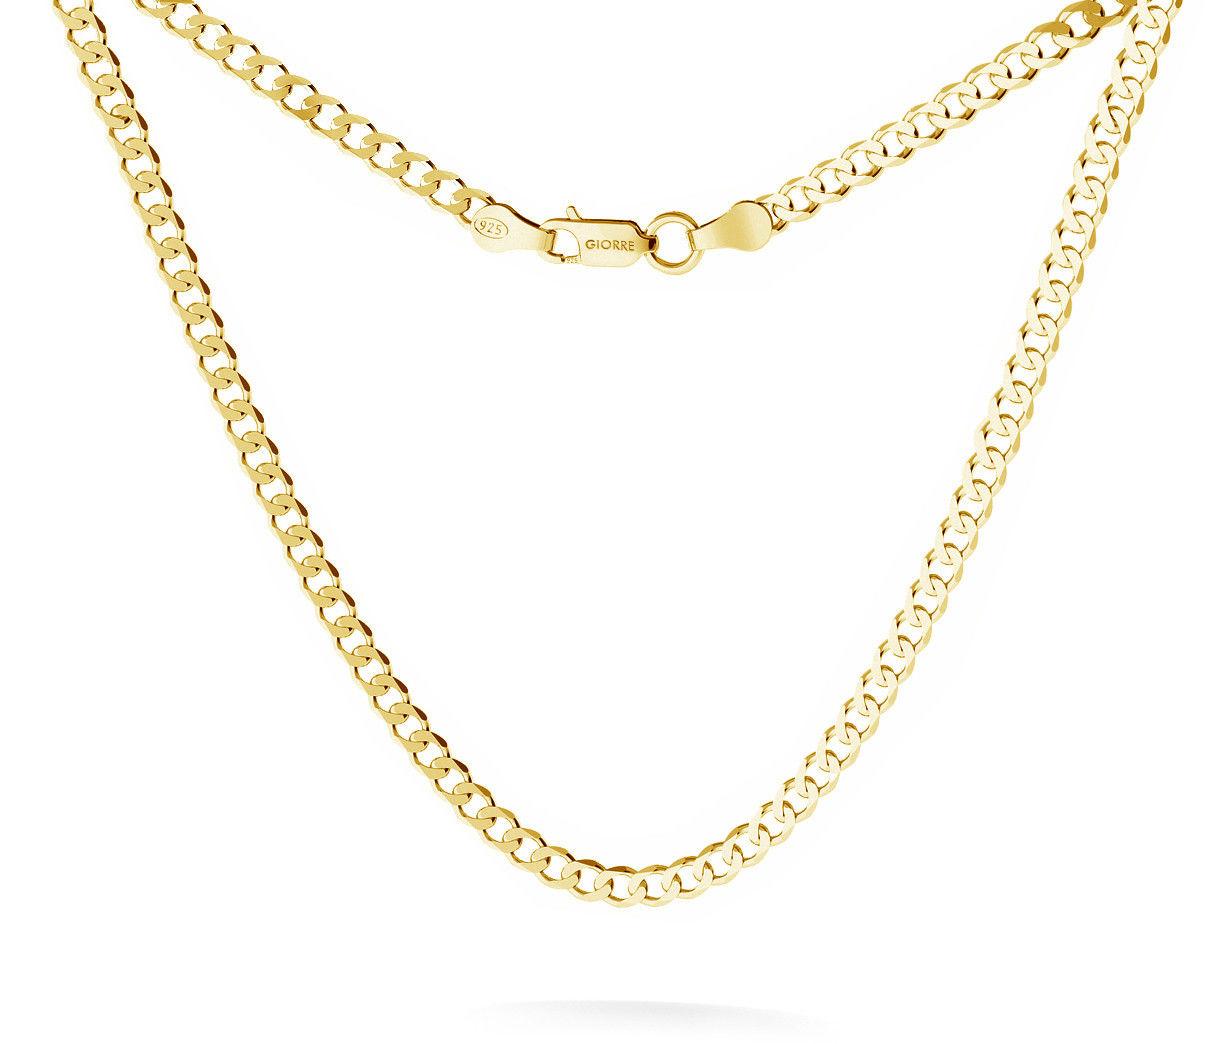 Męski łańcuszek pancerka, srebro 925 : Długość (cm) - 60, Srebro - kolor pokrycia - Pokrycie żółtym 18K złotem